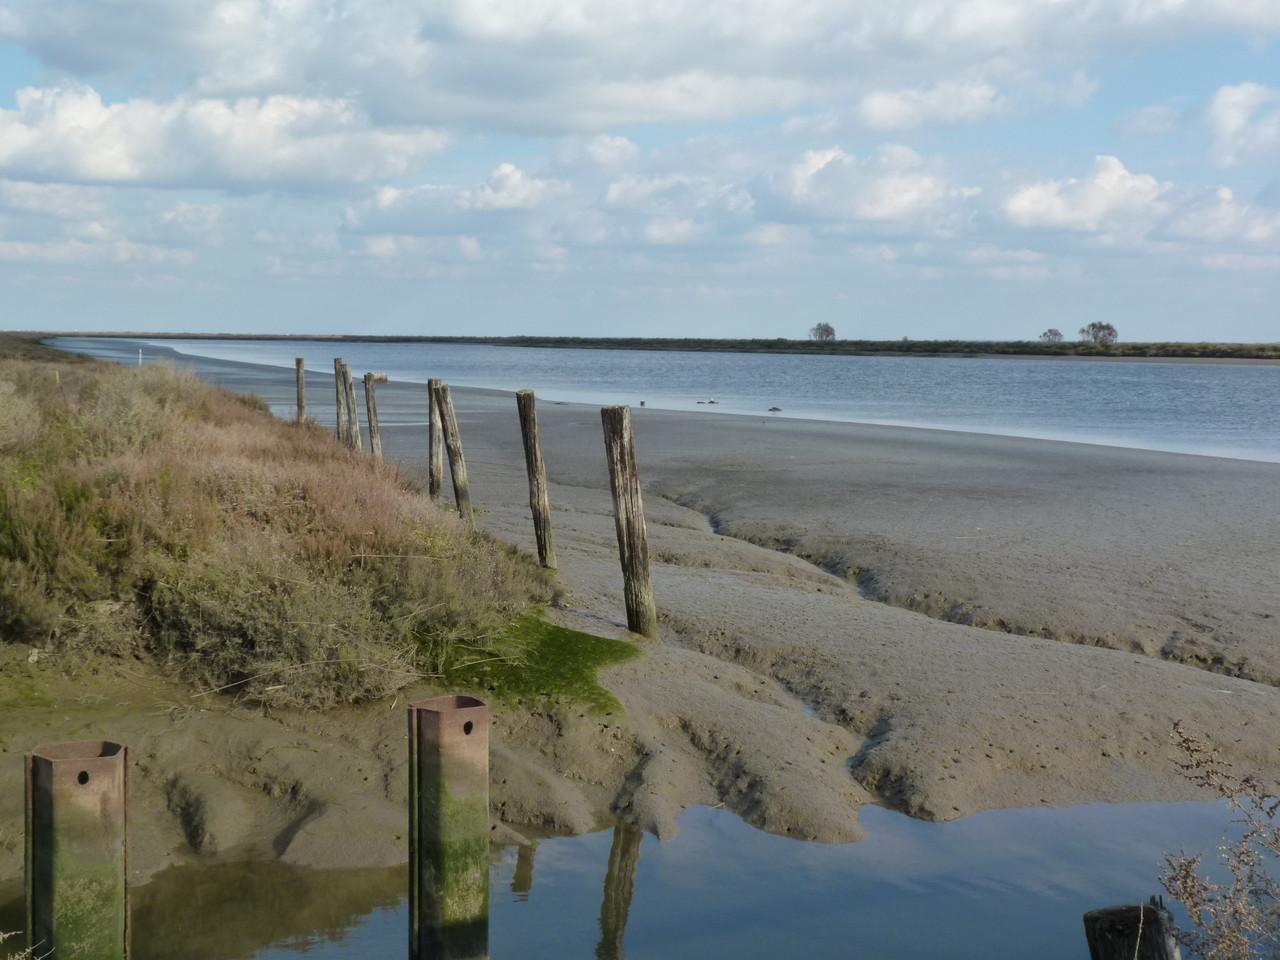 Parque Linear Ribeirinho do Estuário do Tejo (16)